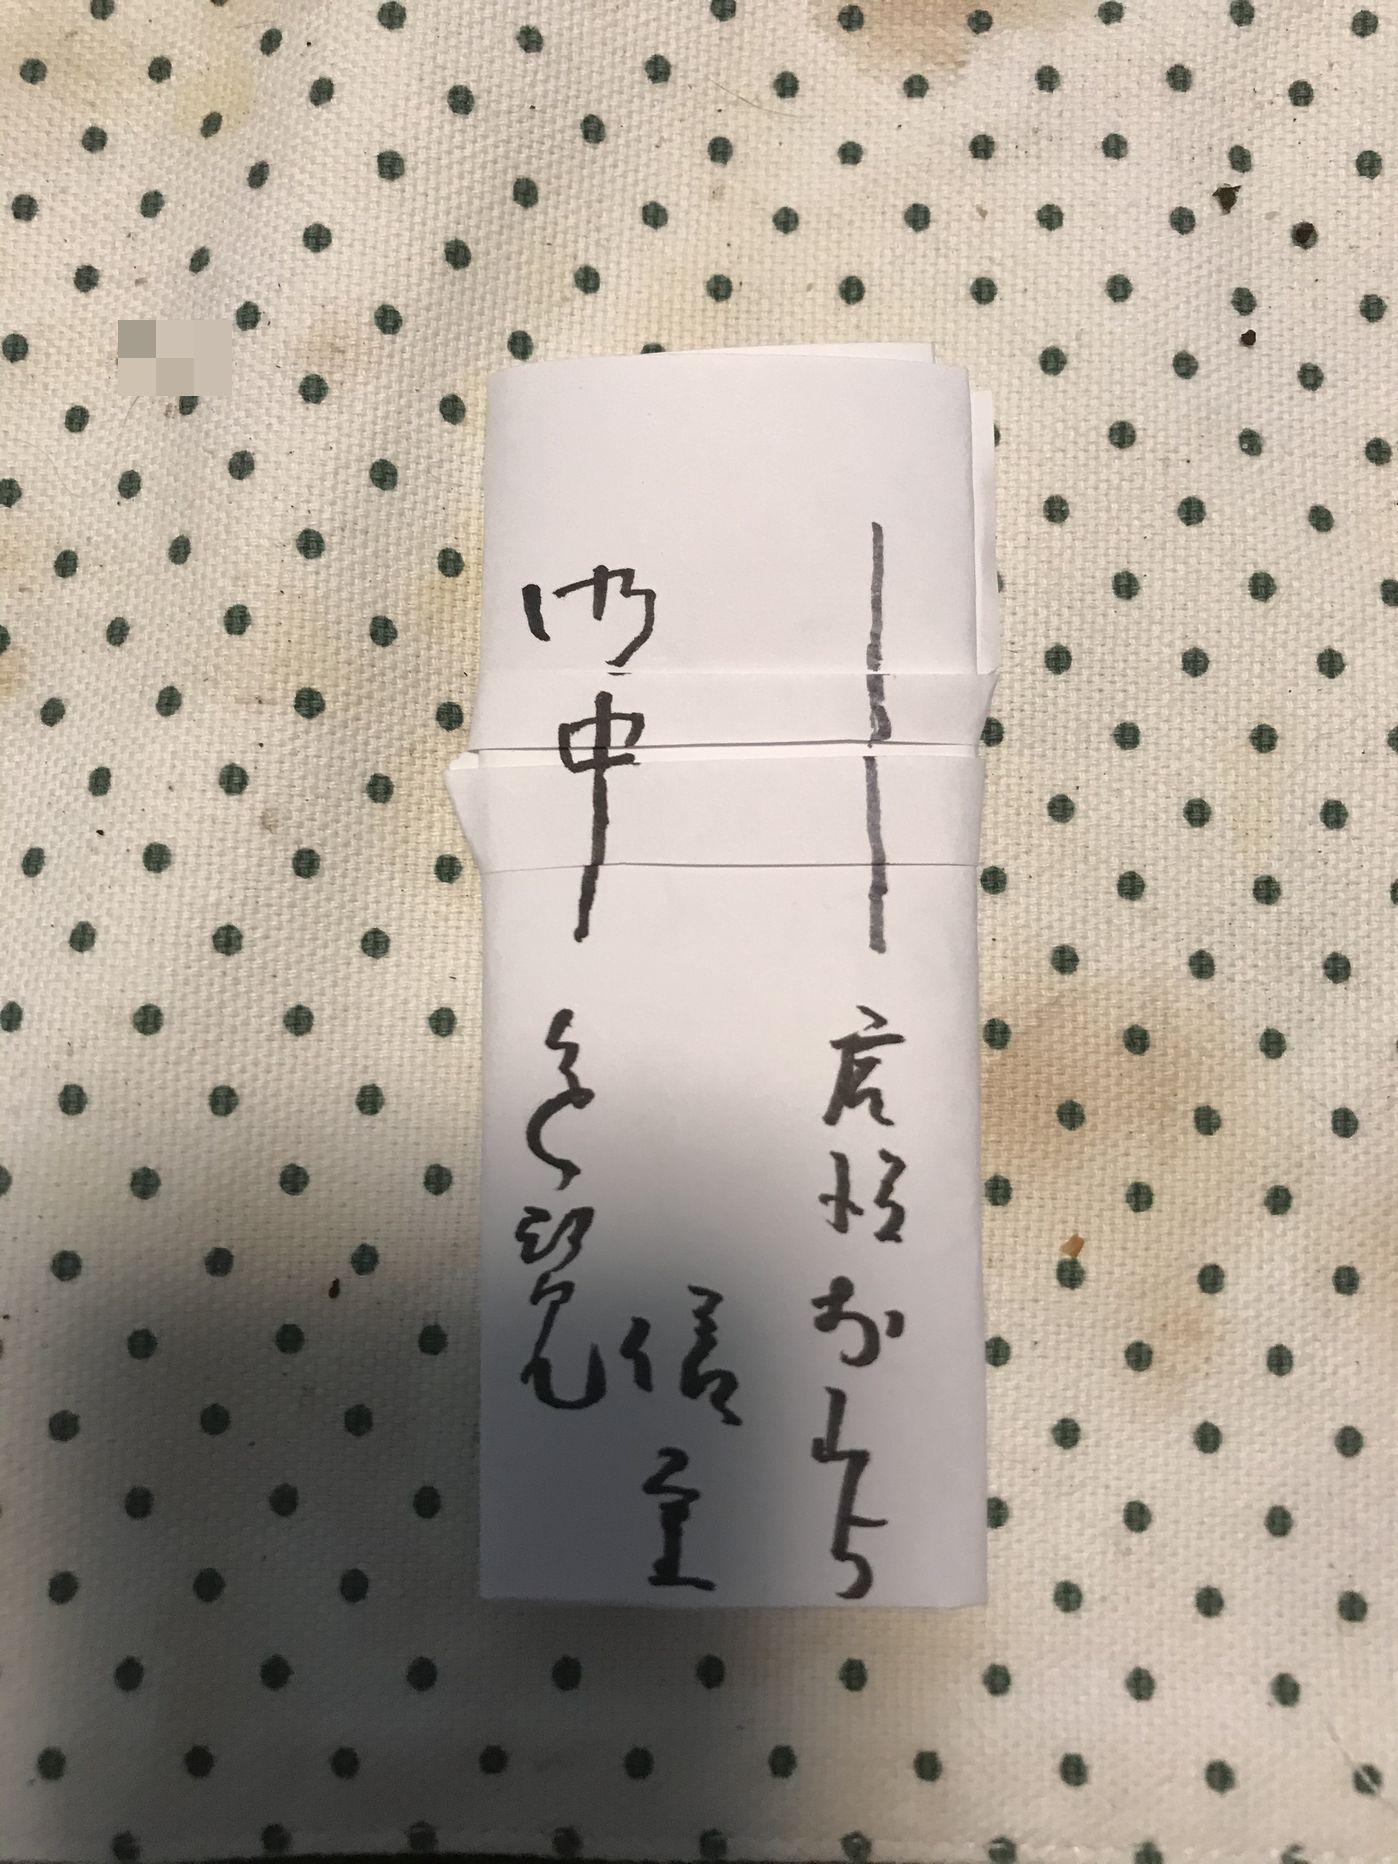 書状の封じ013(折り紙切封上書)